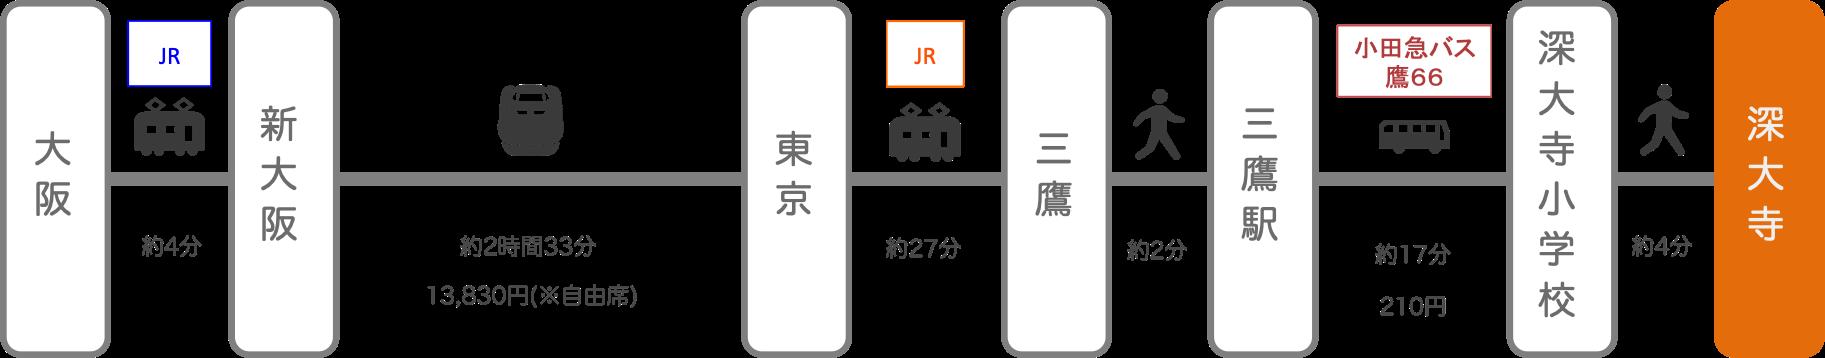 深大寺_大阪_新幹線